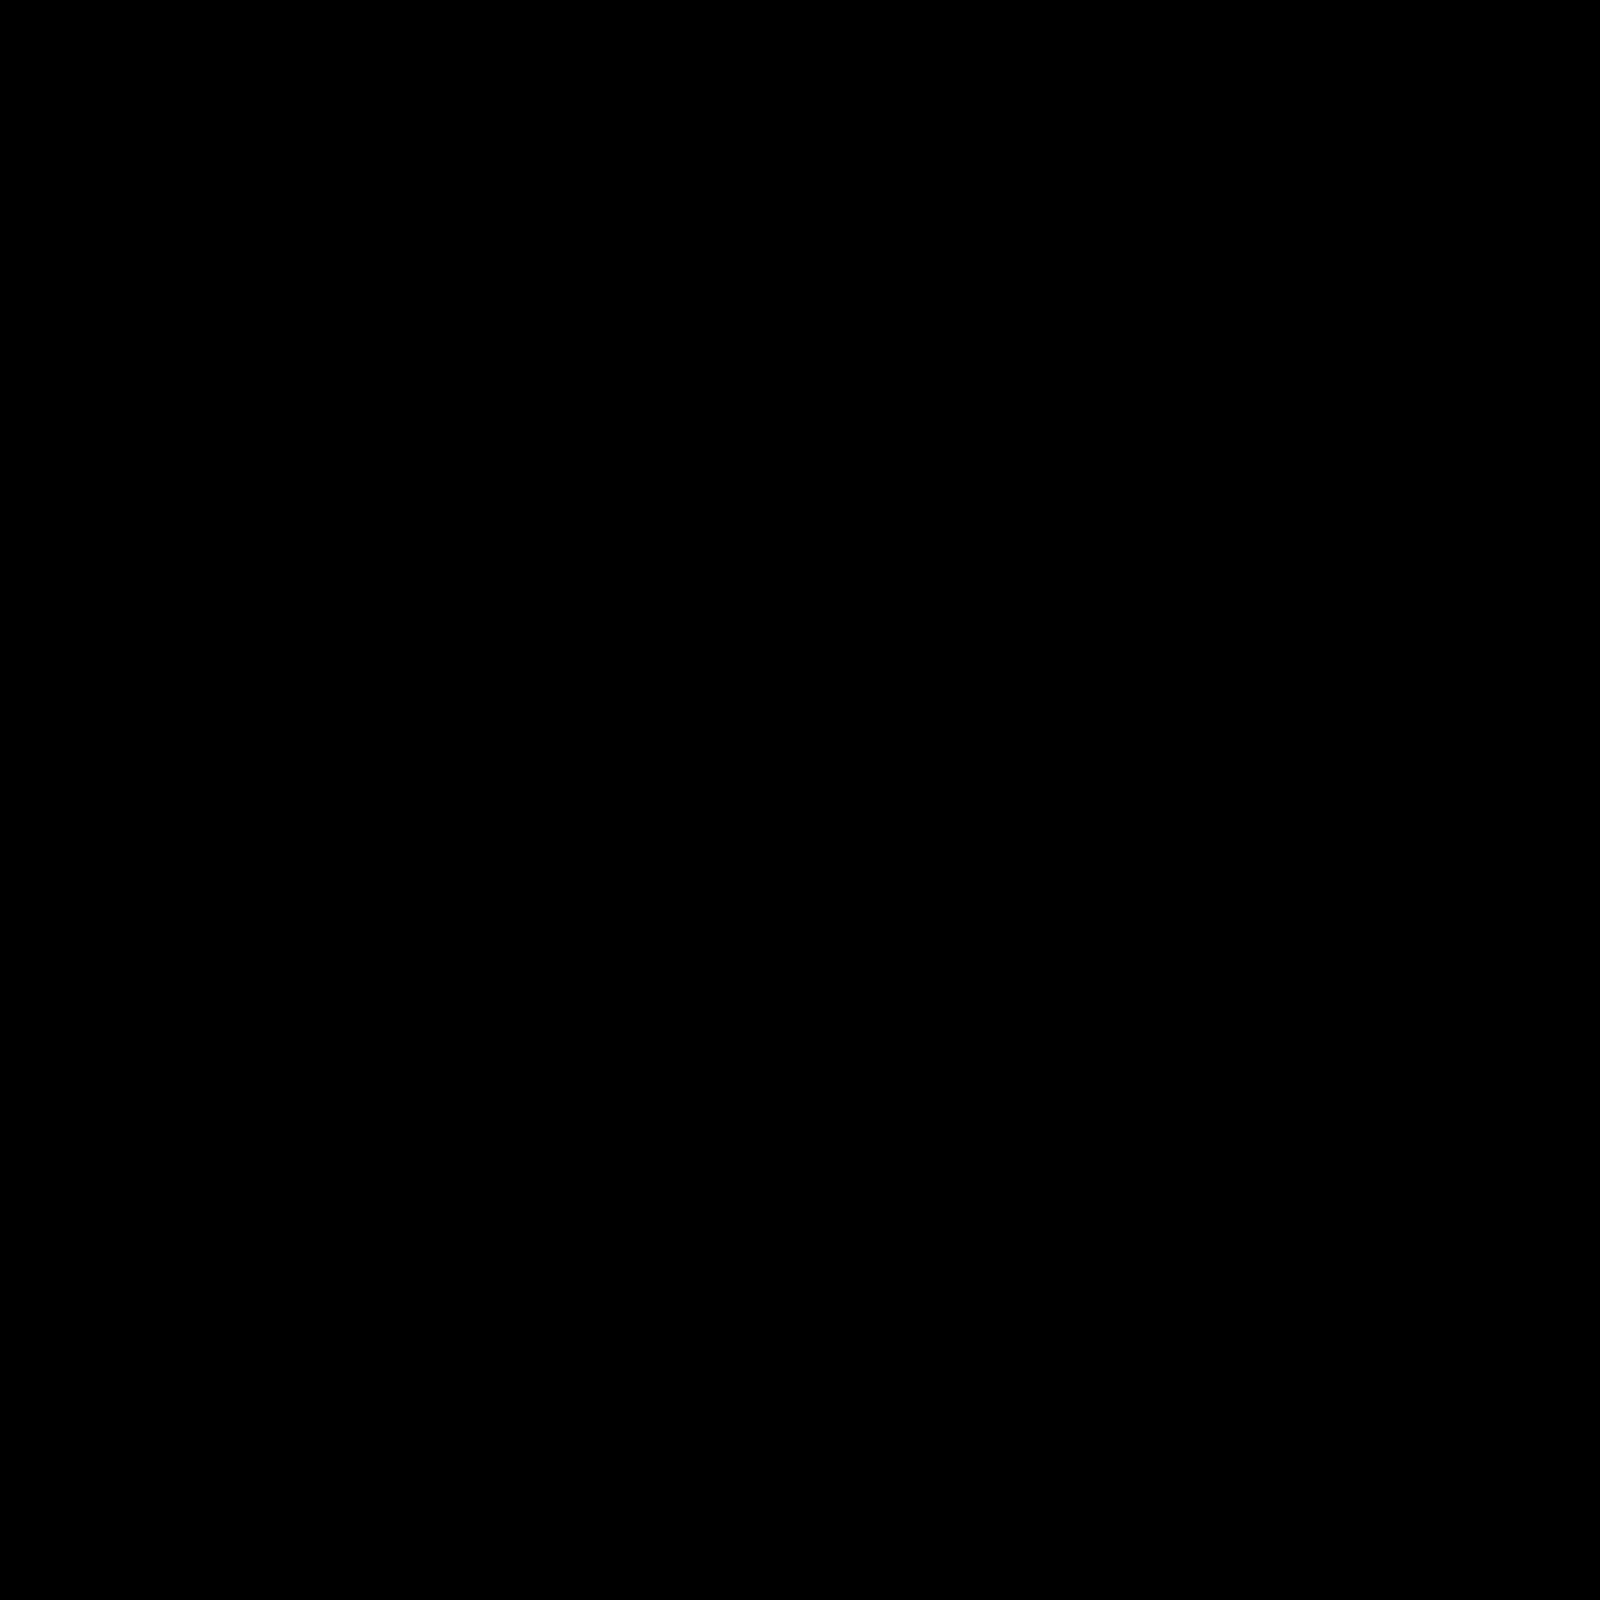 Motocross icon